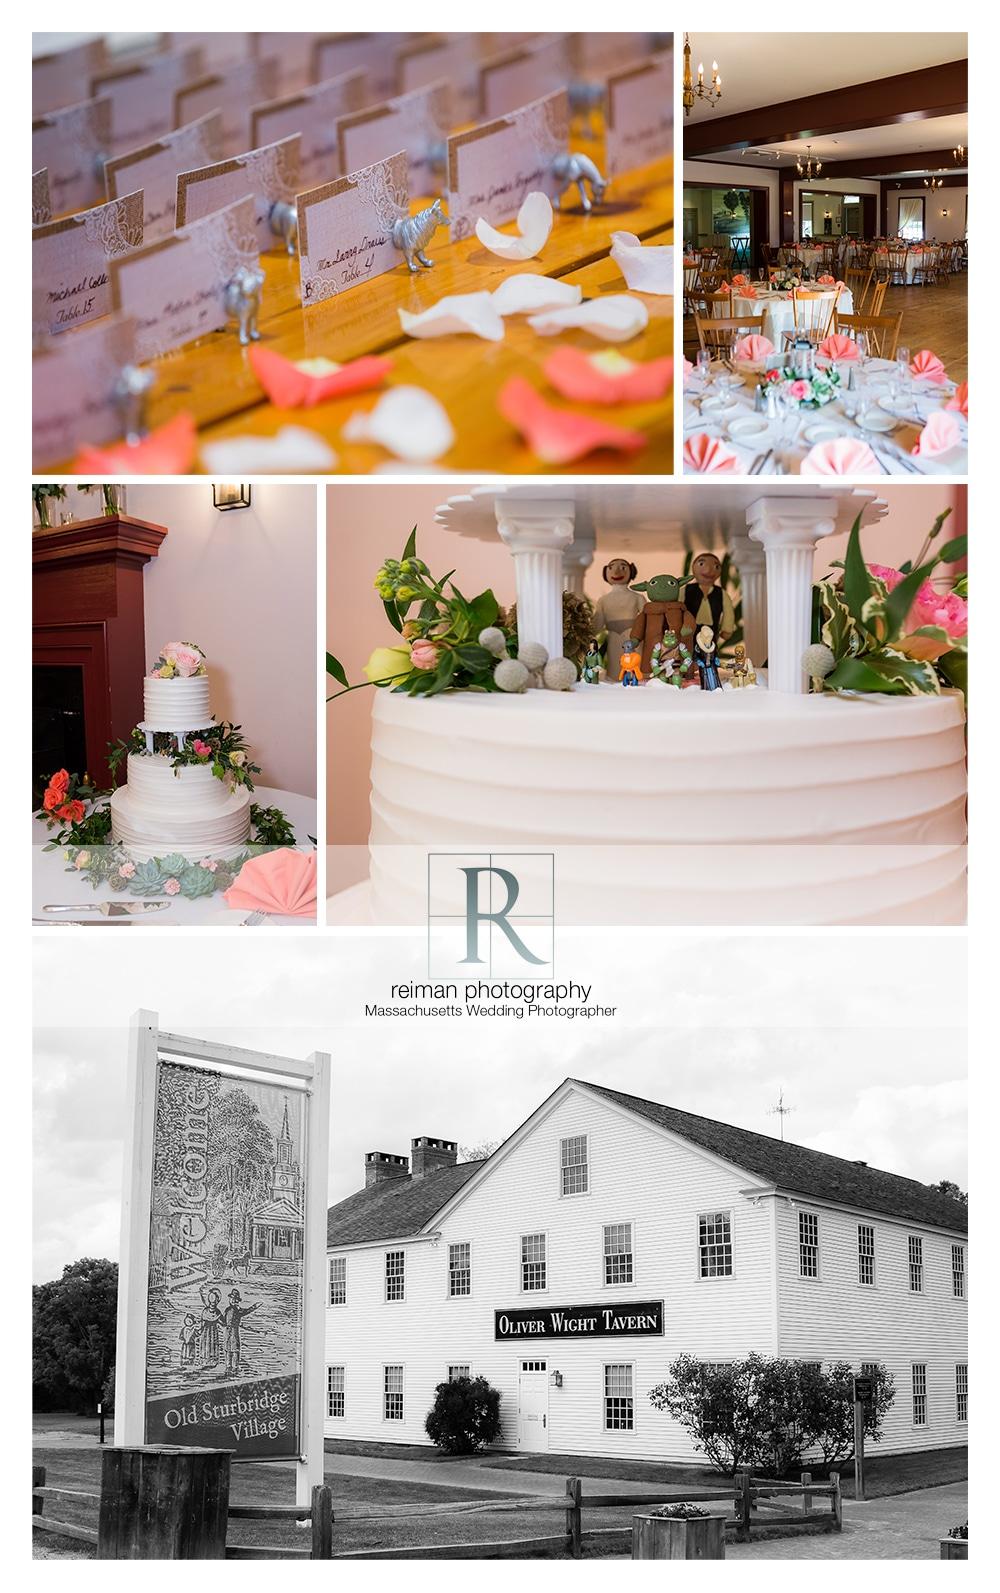 Vintage Wedding, Old Sturbridge Village, Summer, Wedding, Reiman Photography